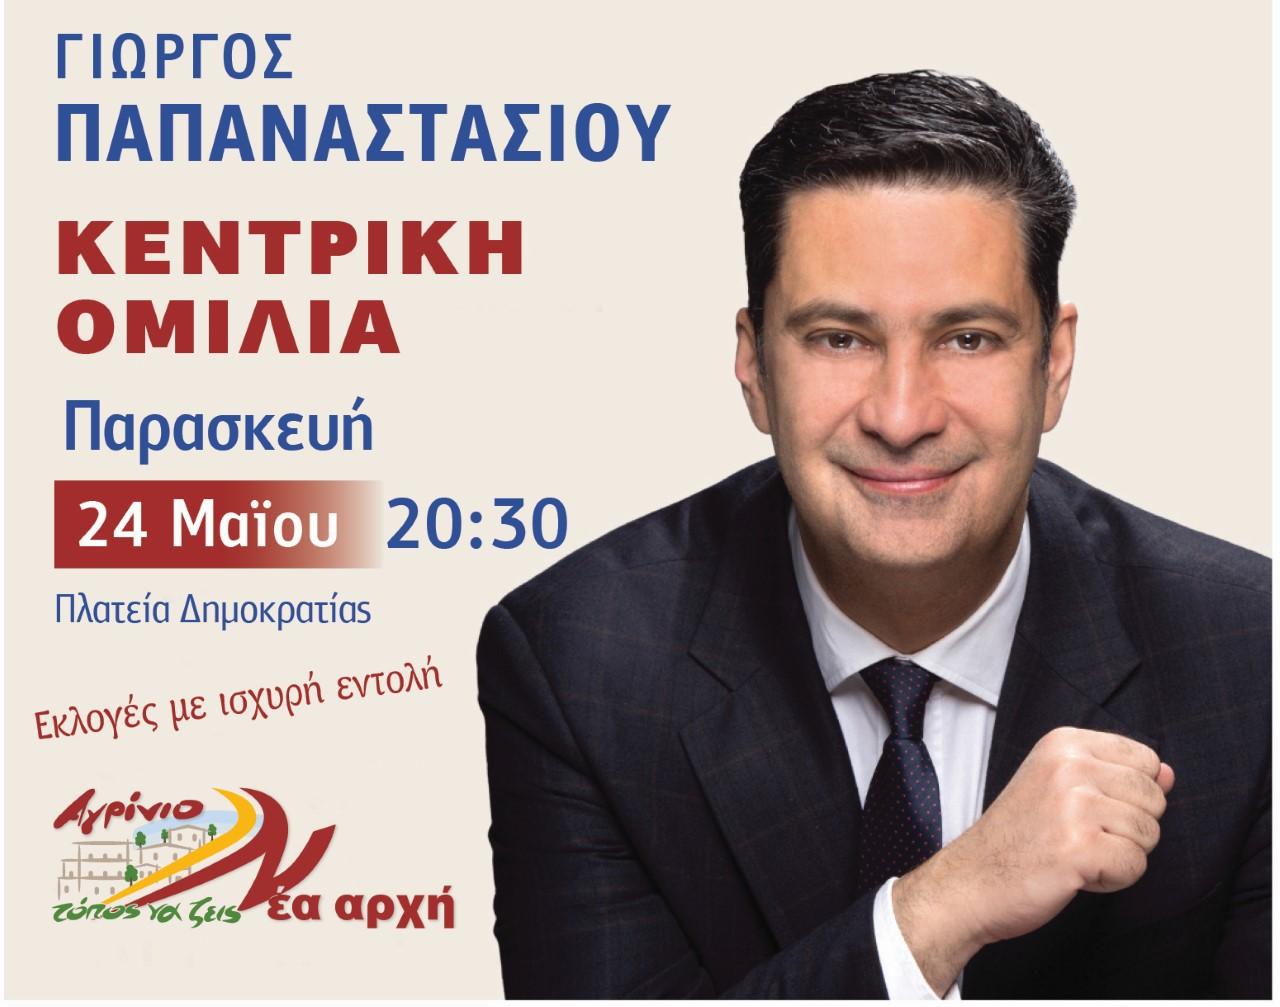 Γιώργος Παπαναστασίου | Υποψήφιος Δήμαρχος Αγρινίου